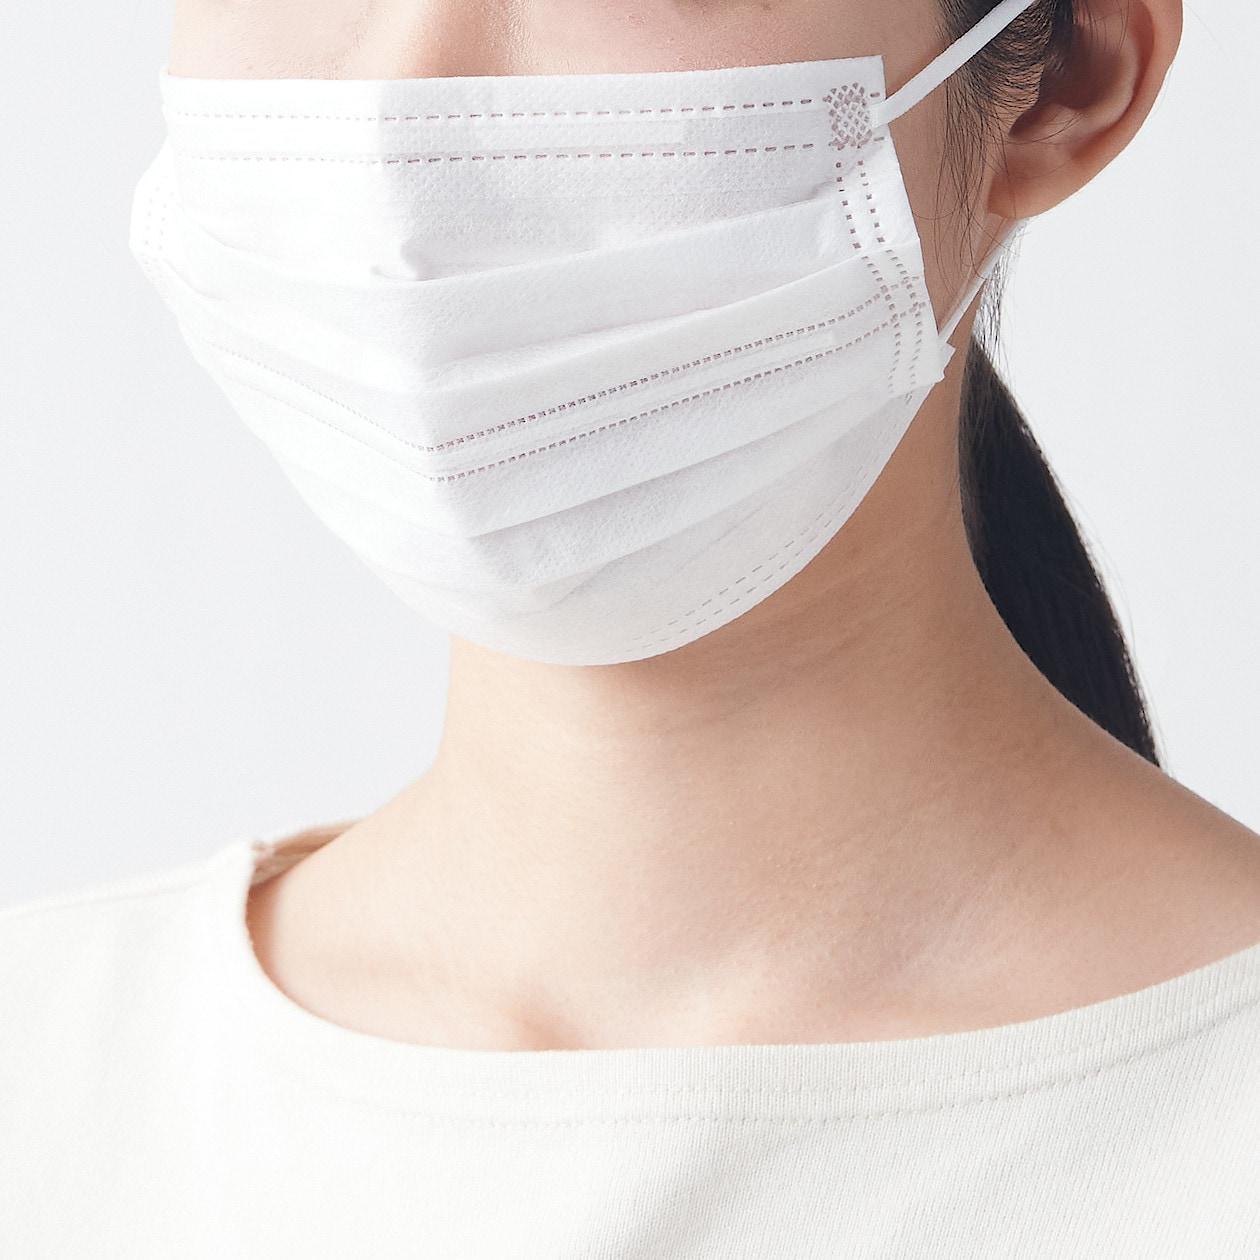 ネット マスク 無印 ストア 無印良品マスク夏用は涼しい?販売店舗やオンライン購入方法をまとめてみました。